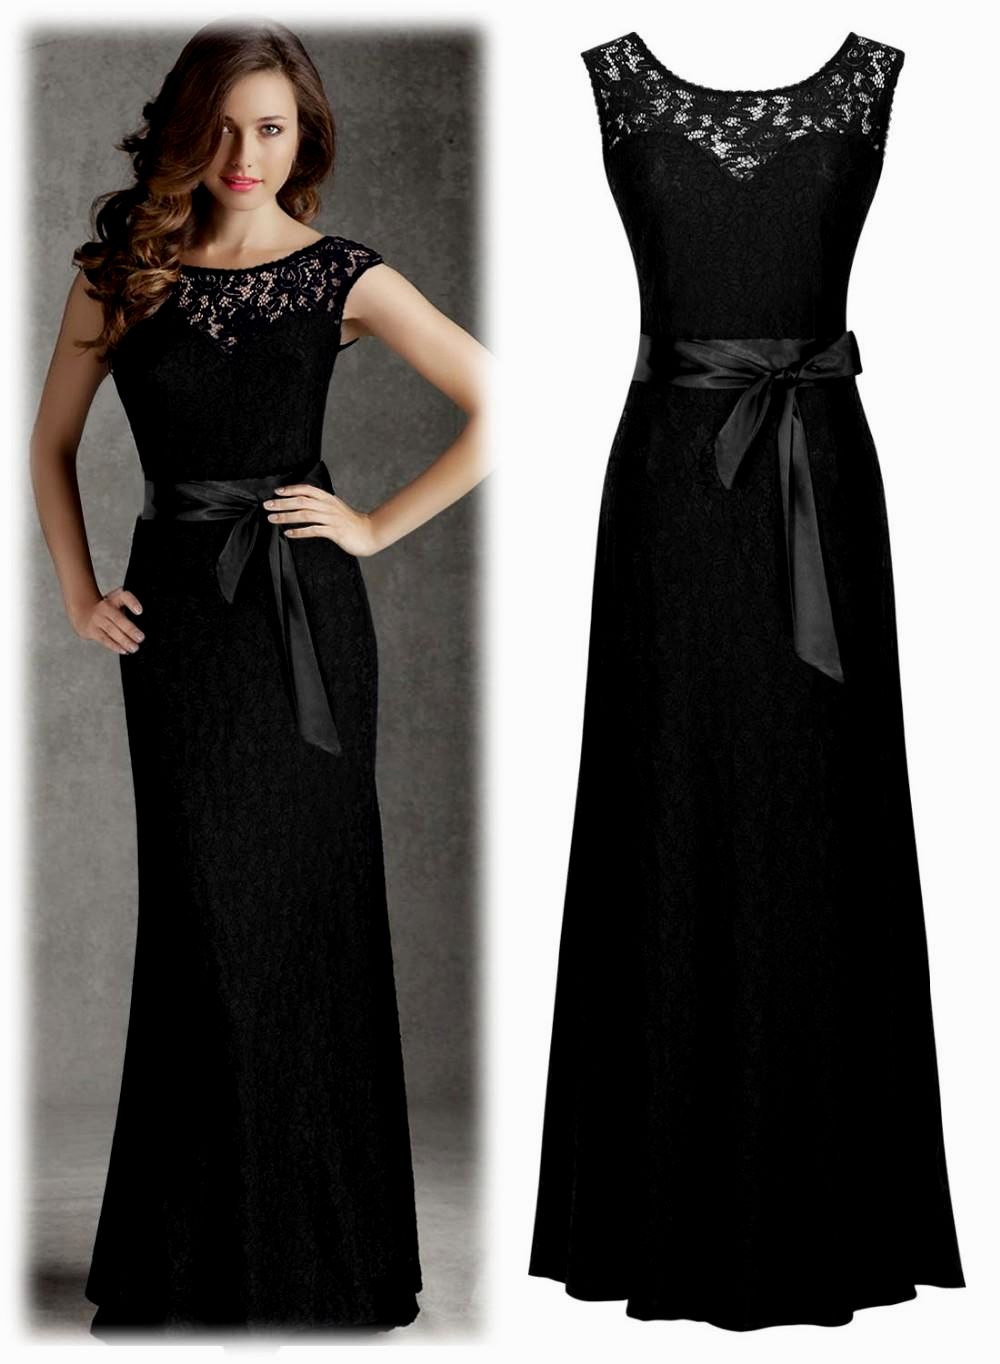 black tie wedding dresses photo - 1